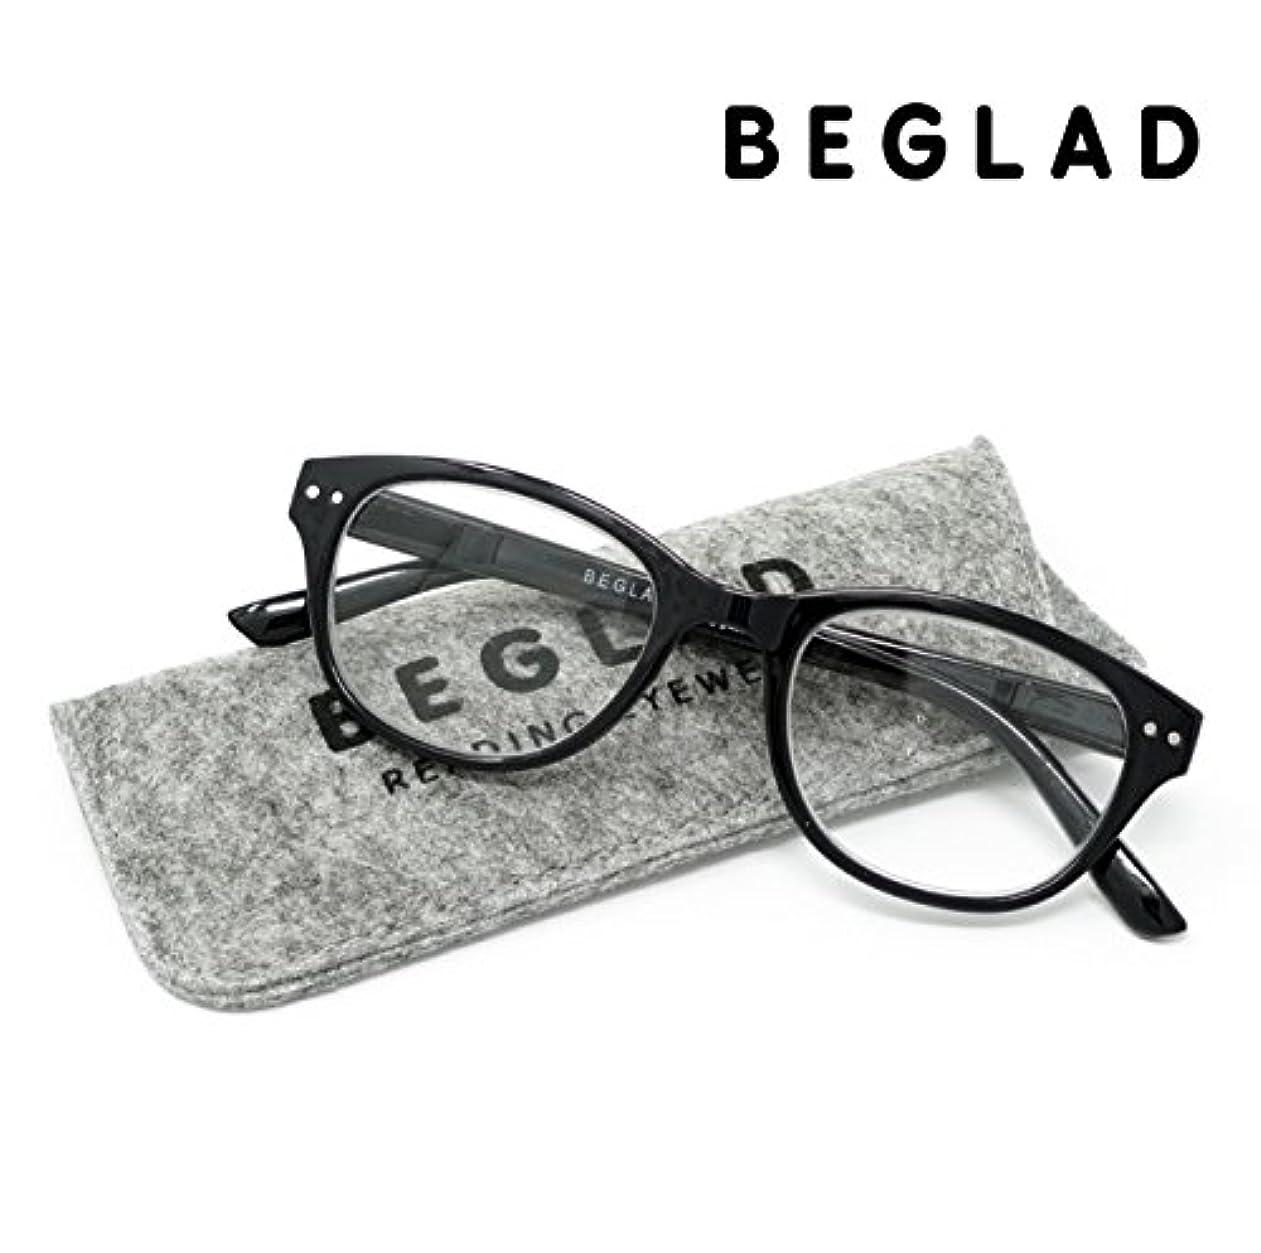 サスペンド取る活性化するビグラッド(BEGLAD) 老眼鏡 ブラック 度数:+2.00 【トレンドデザイン おしゃれなケース付】 BT2014BK